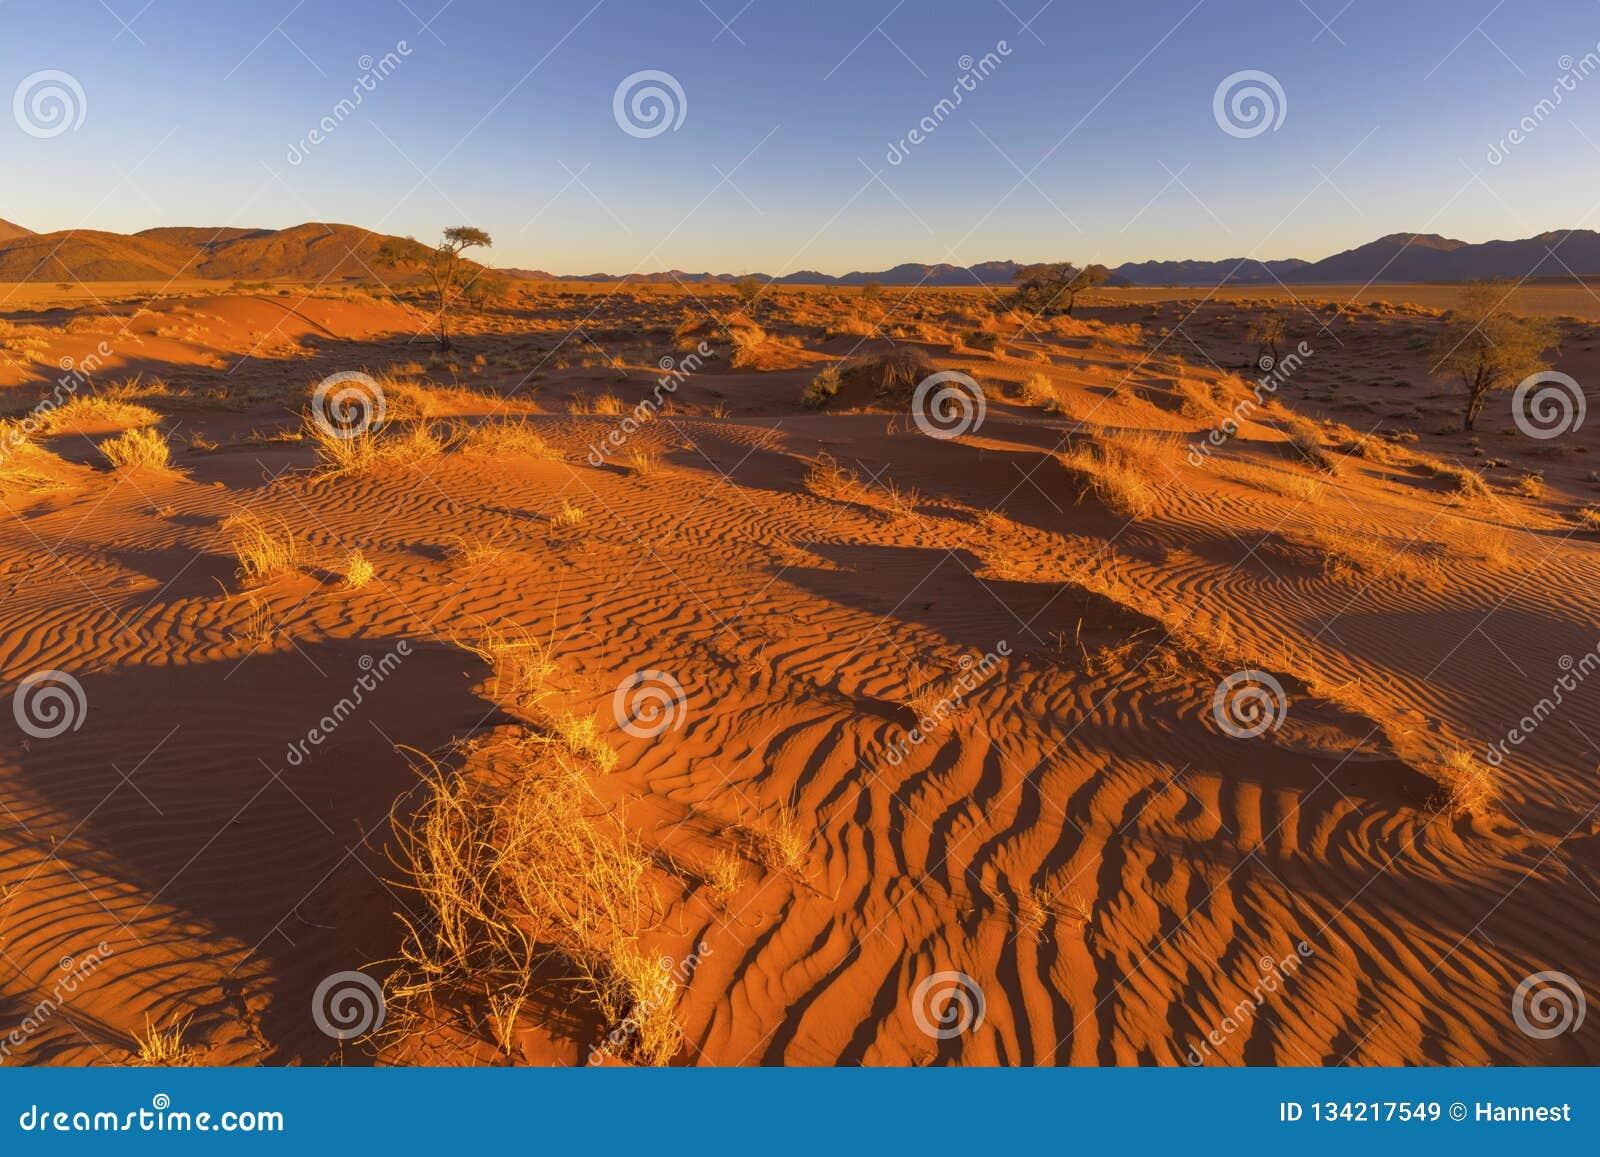 Ξηρά κίτρινη χλόη και σκουπισμένα αέρας σχέδια στην άμμο